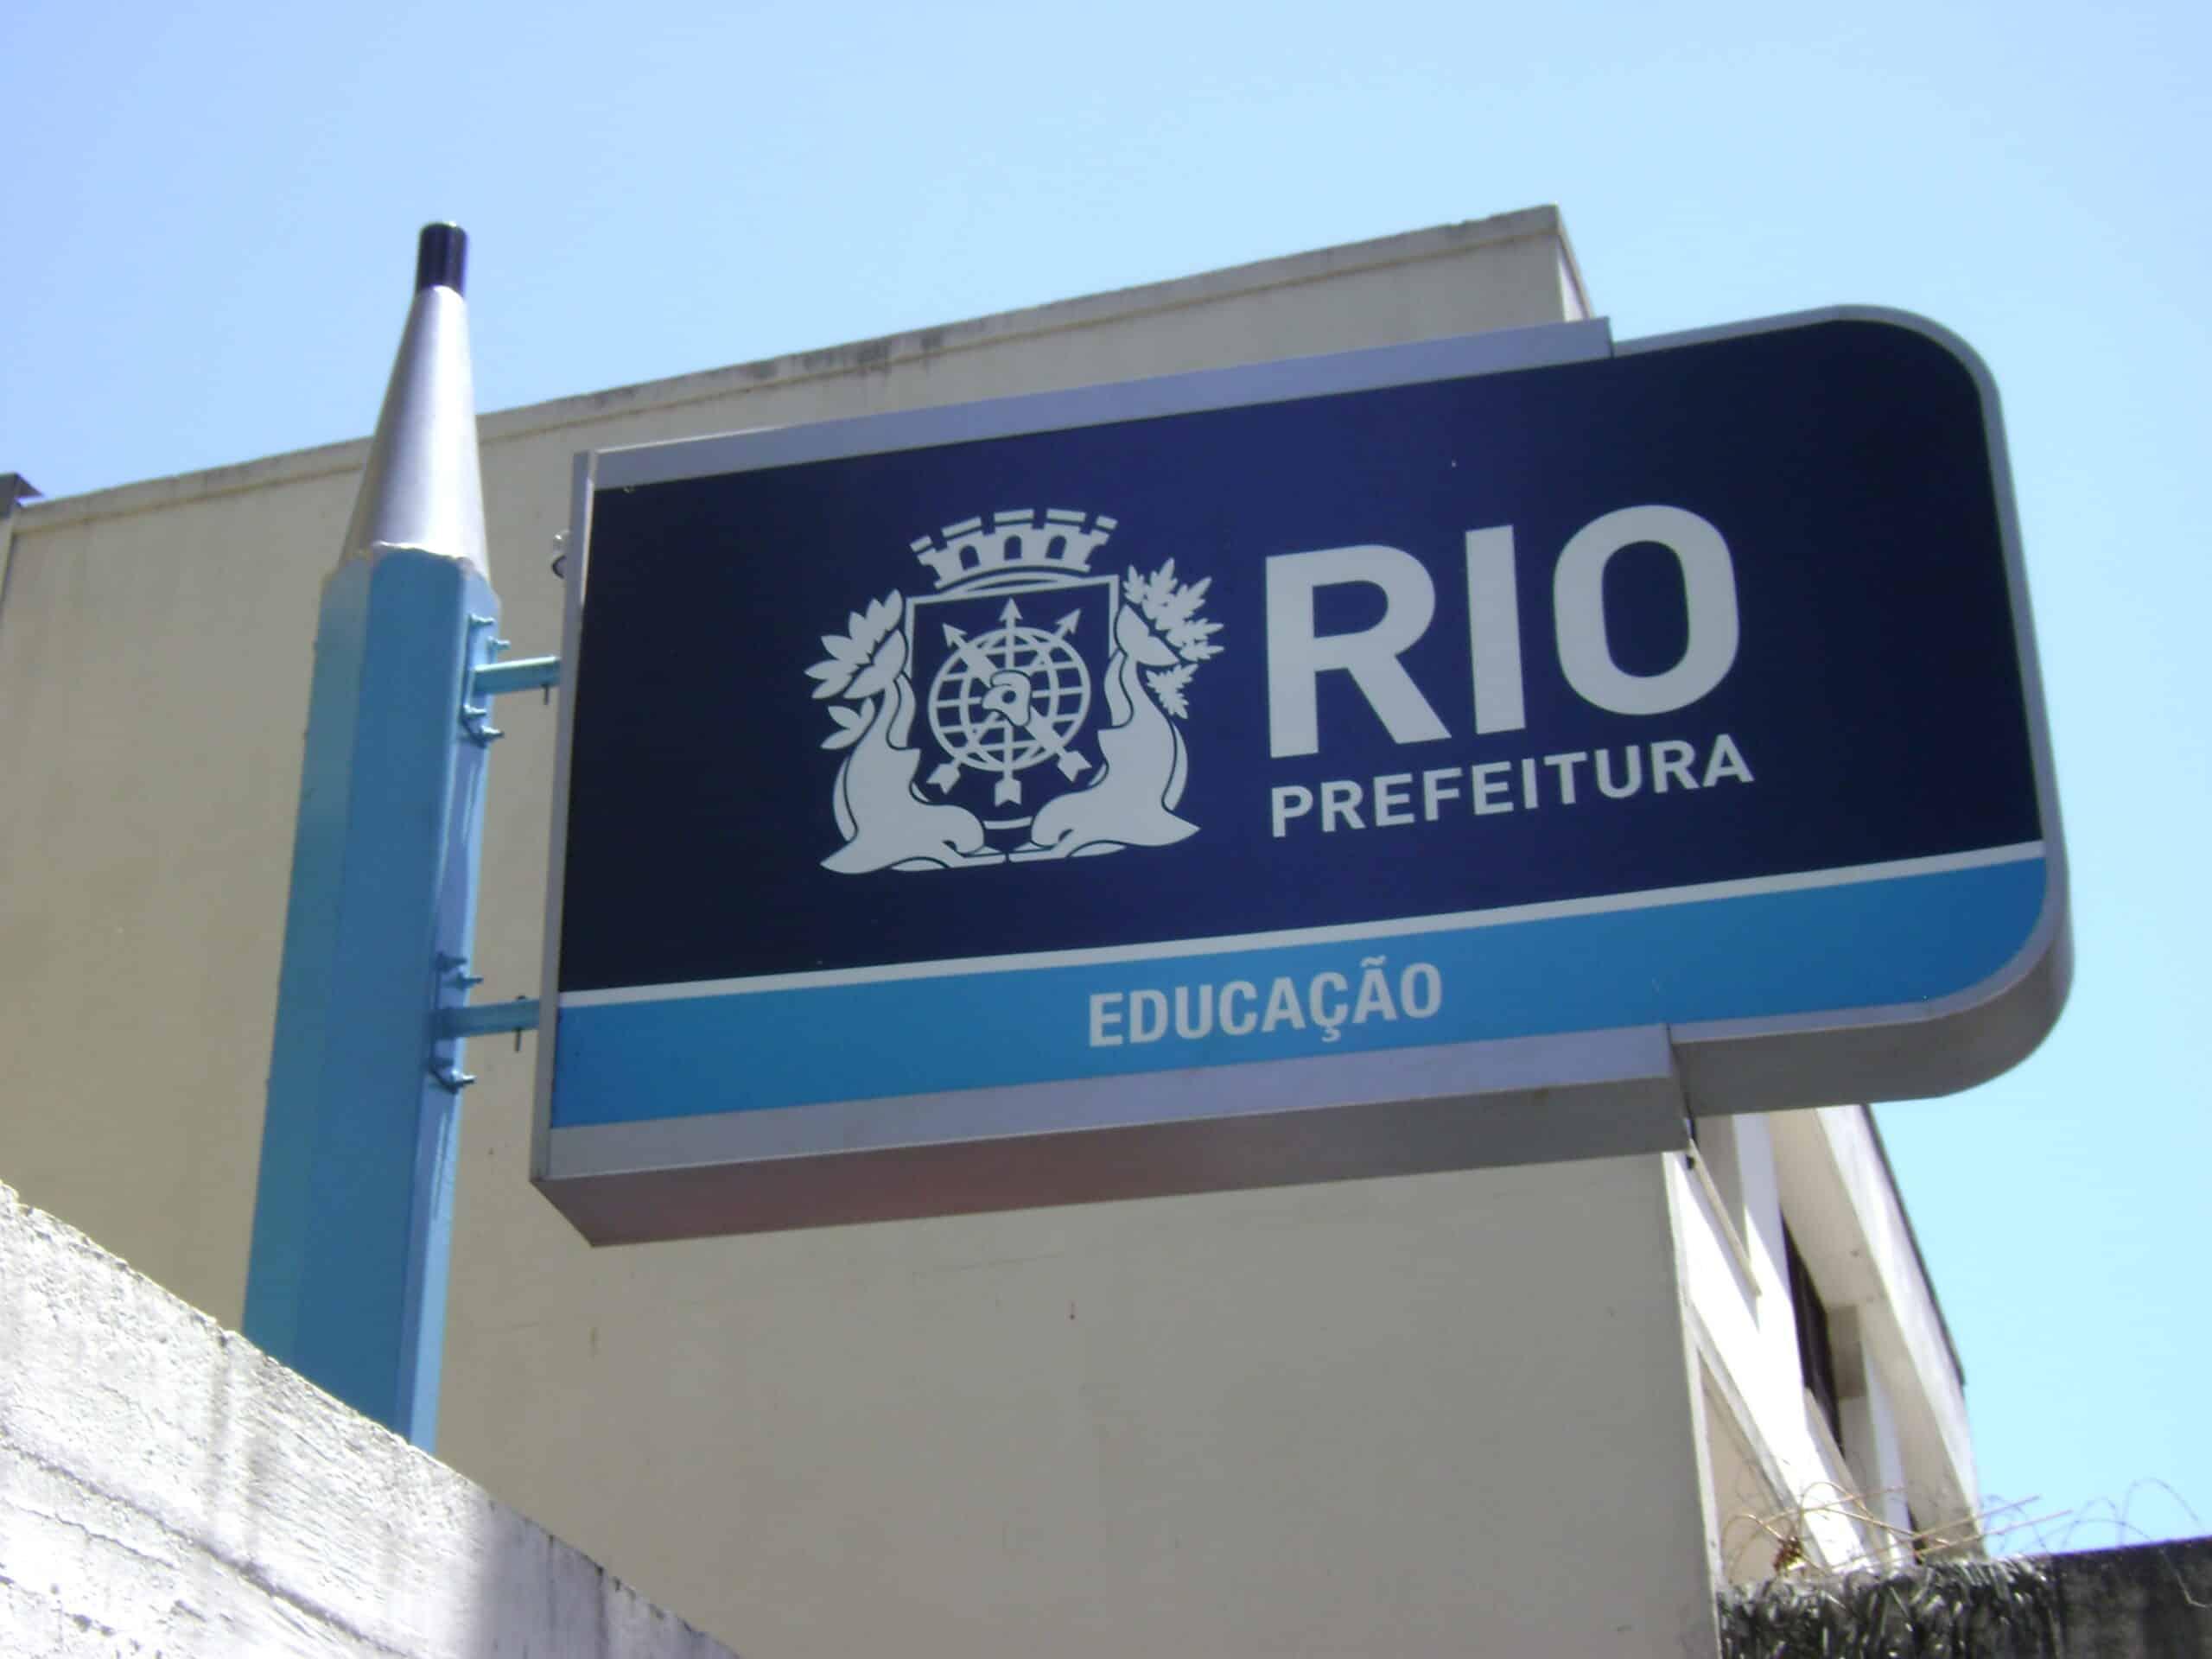 Escolas particulares do RJ criam enquete para debater início das aulas presenciais (Imagem: Reprodução - Google)